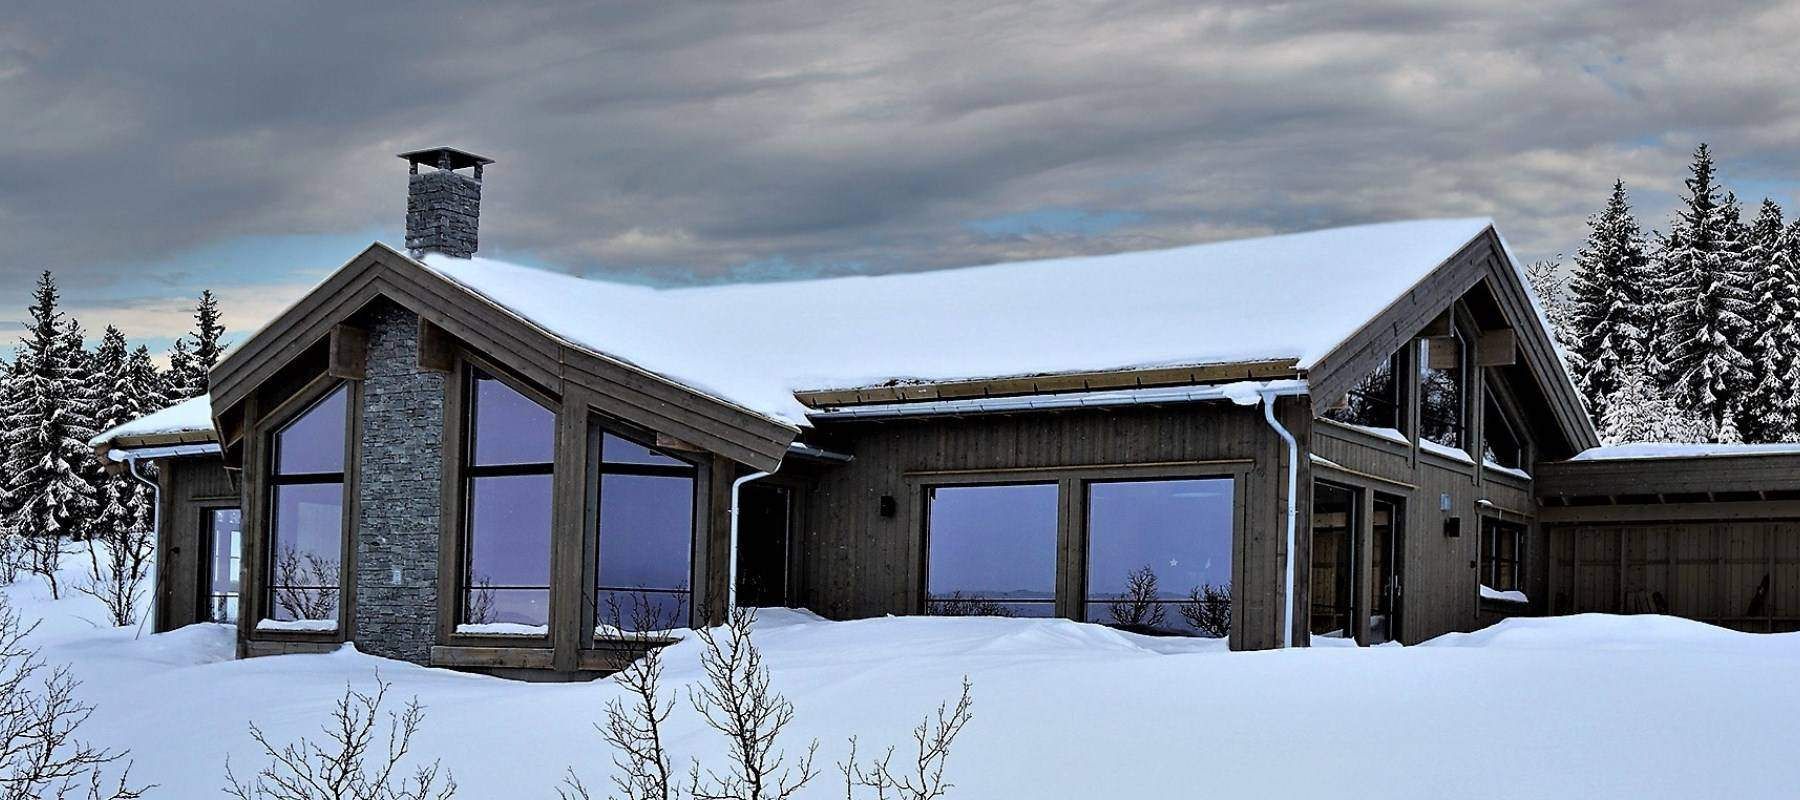 98 Hyttemodell Hytteinspirasjon Hytte Uvdal